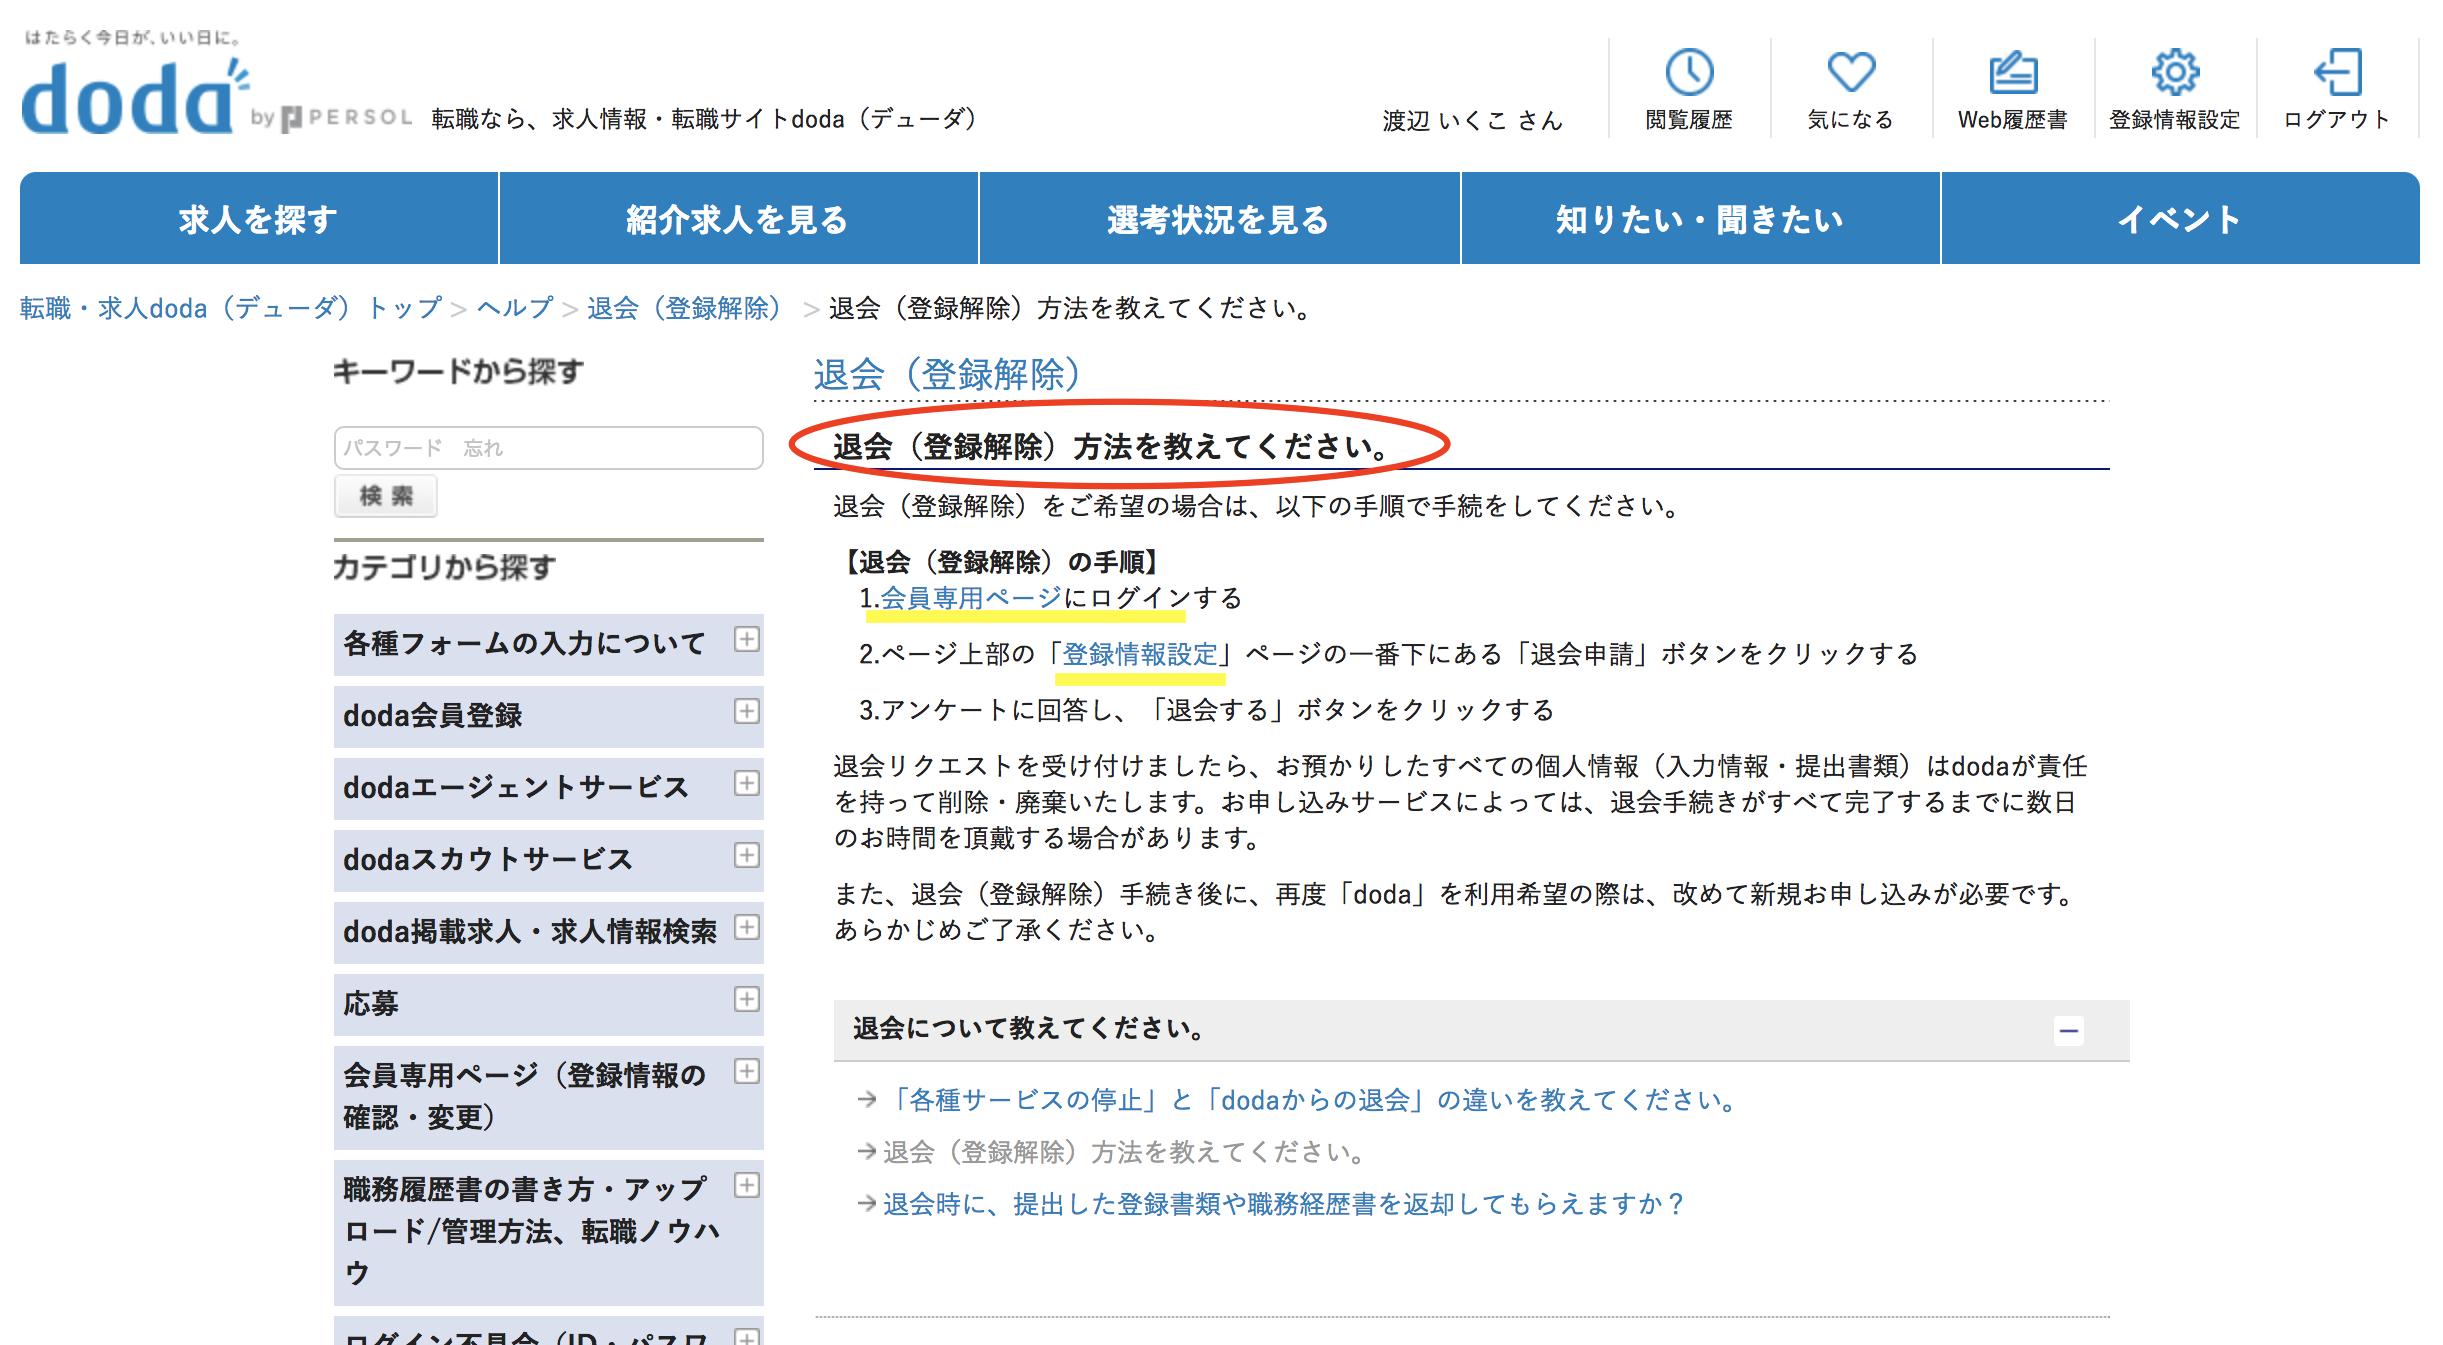 登録解除のページ